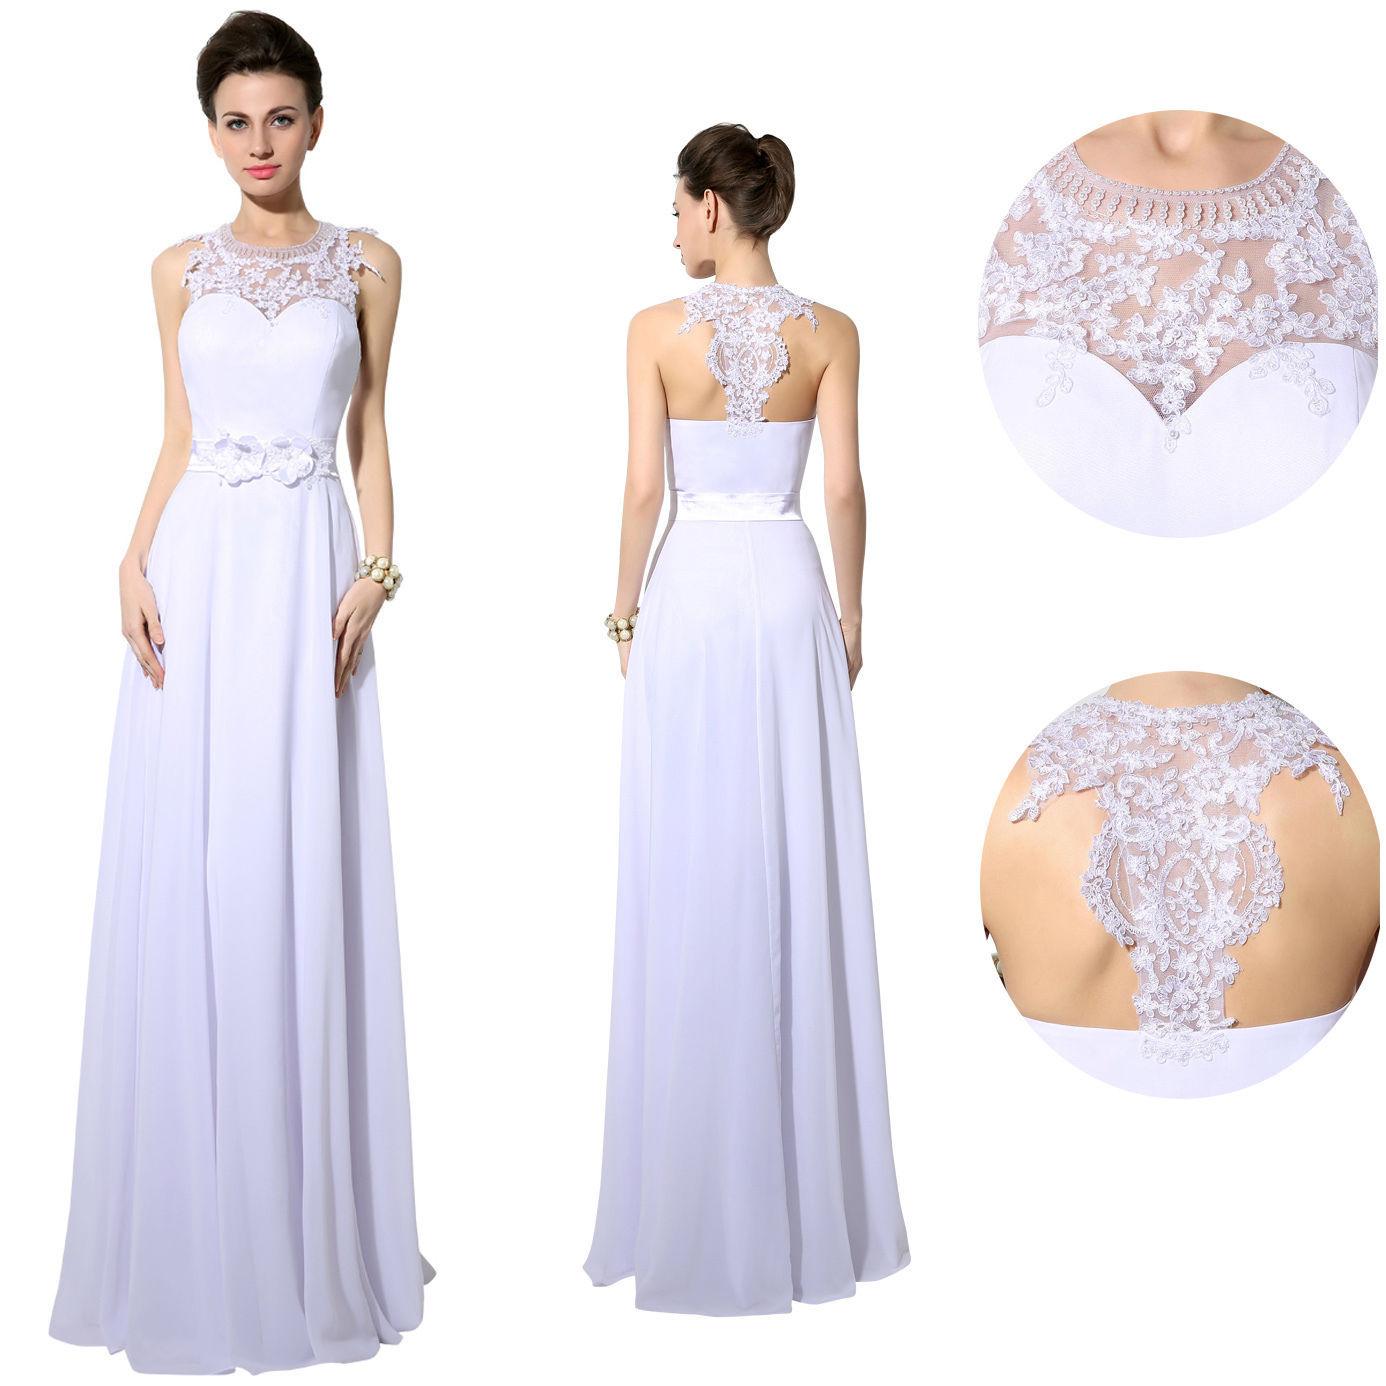 White Maxi Chiffon Lace Long Formal Prom Dress Beach